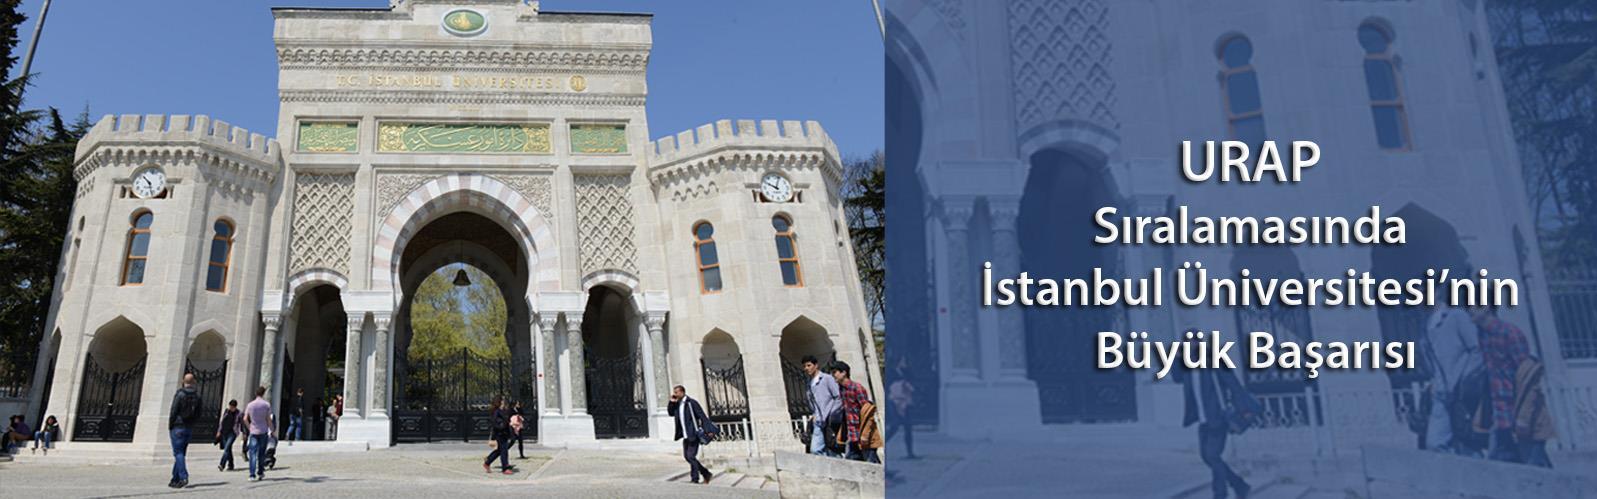 URAP-Sıralamasında-İstanbul-Üniversitesi'nin-Büyük-Başarısı